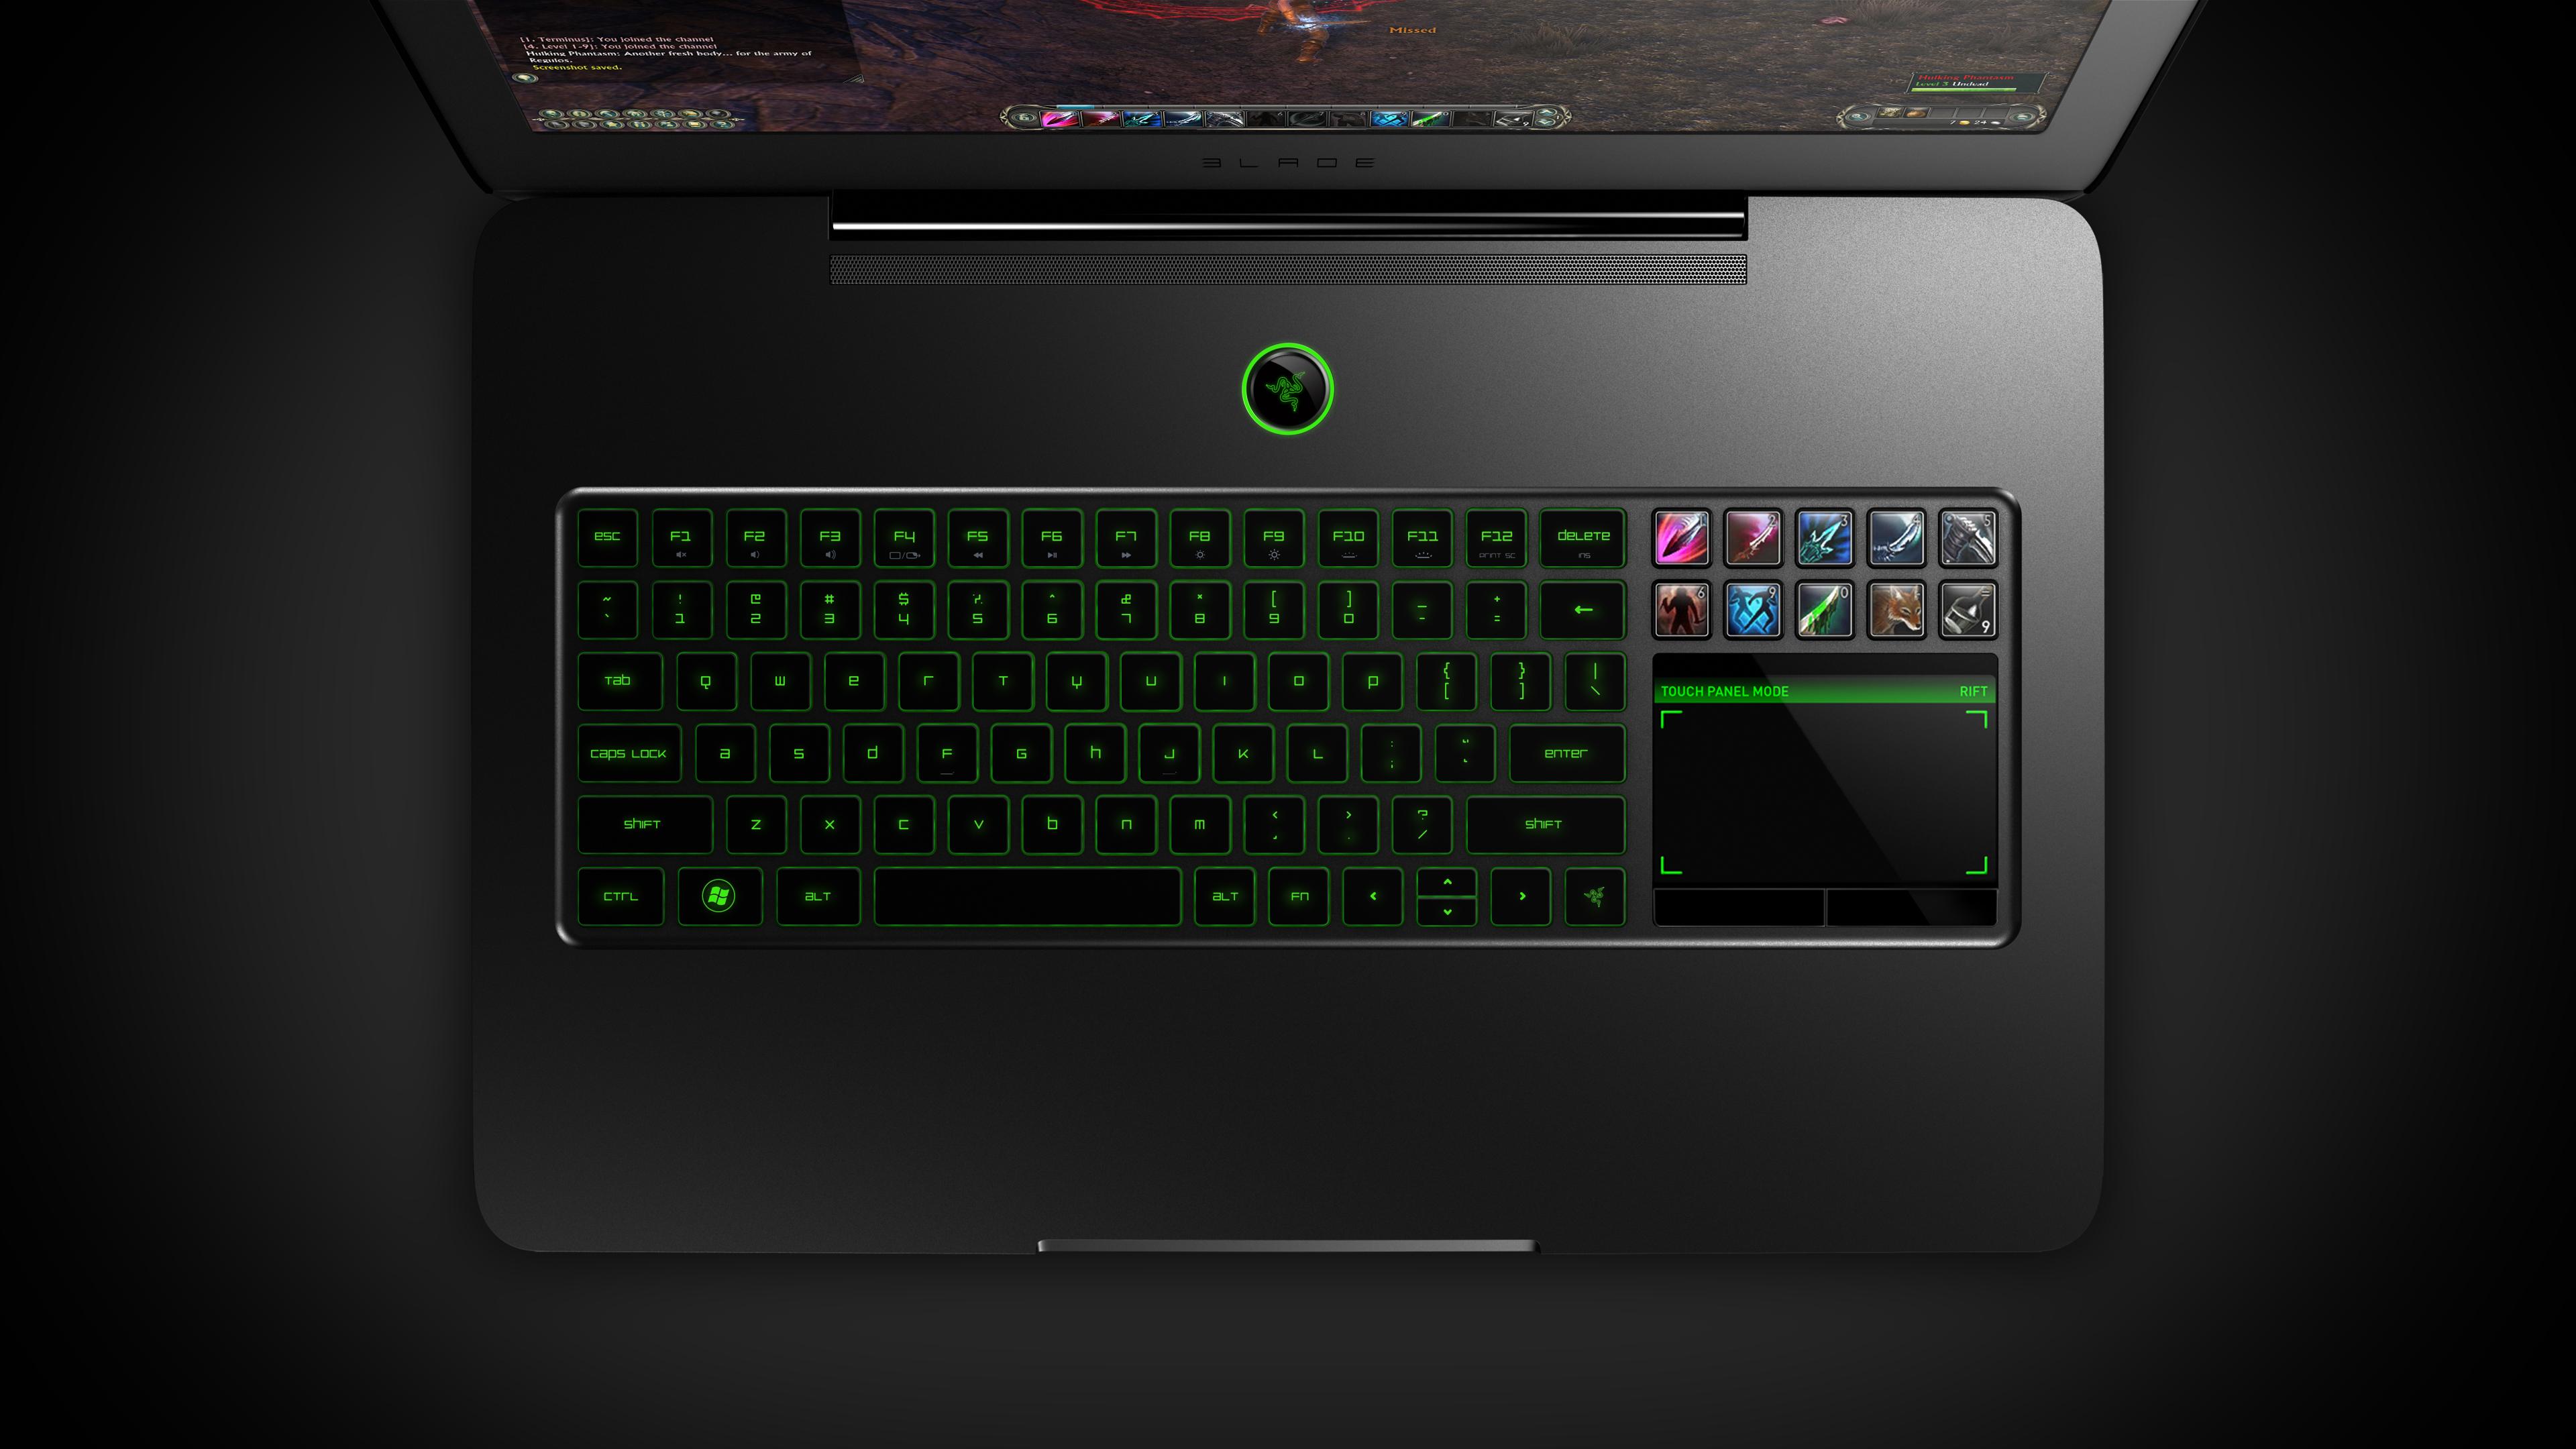 Razer Switchblade Gaming Laptop Holy Shit The Keyboard